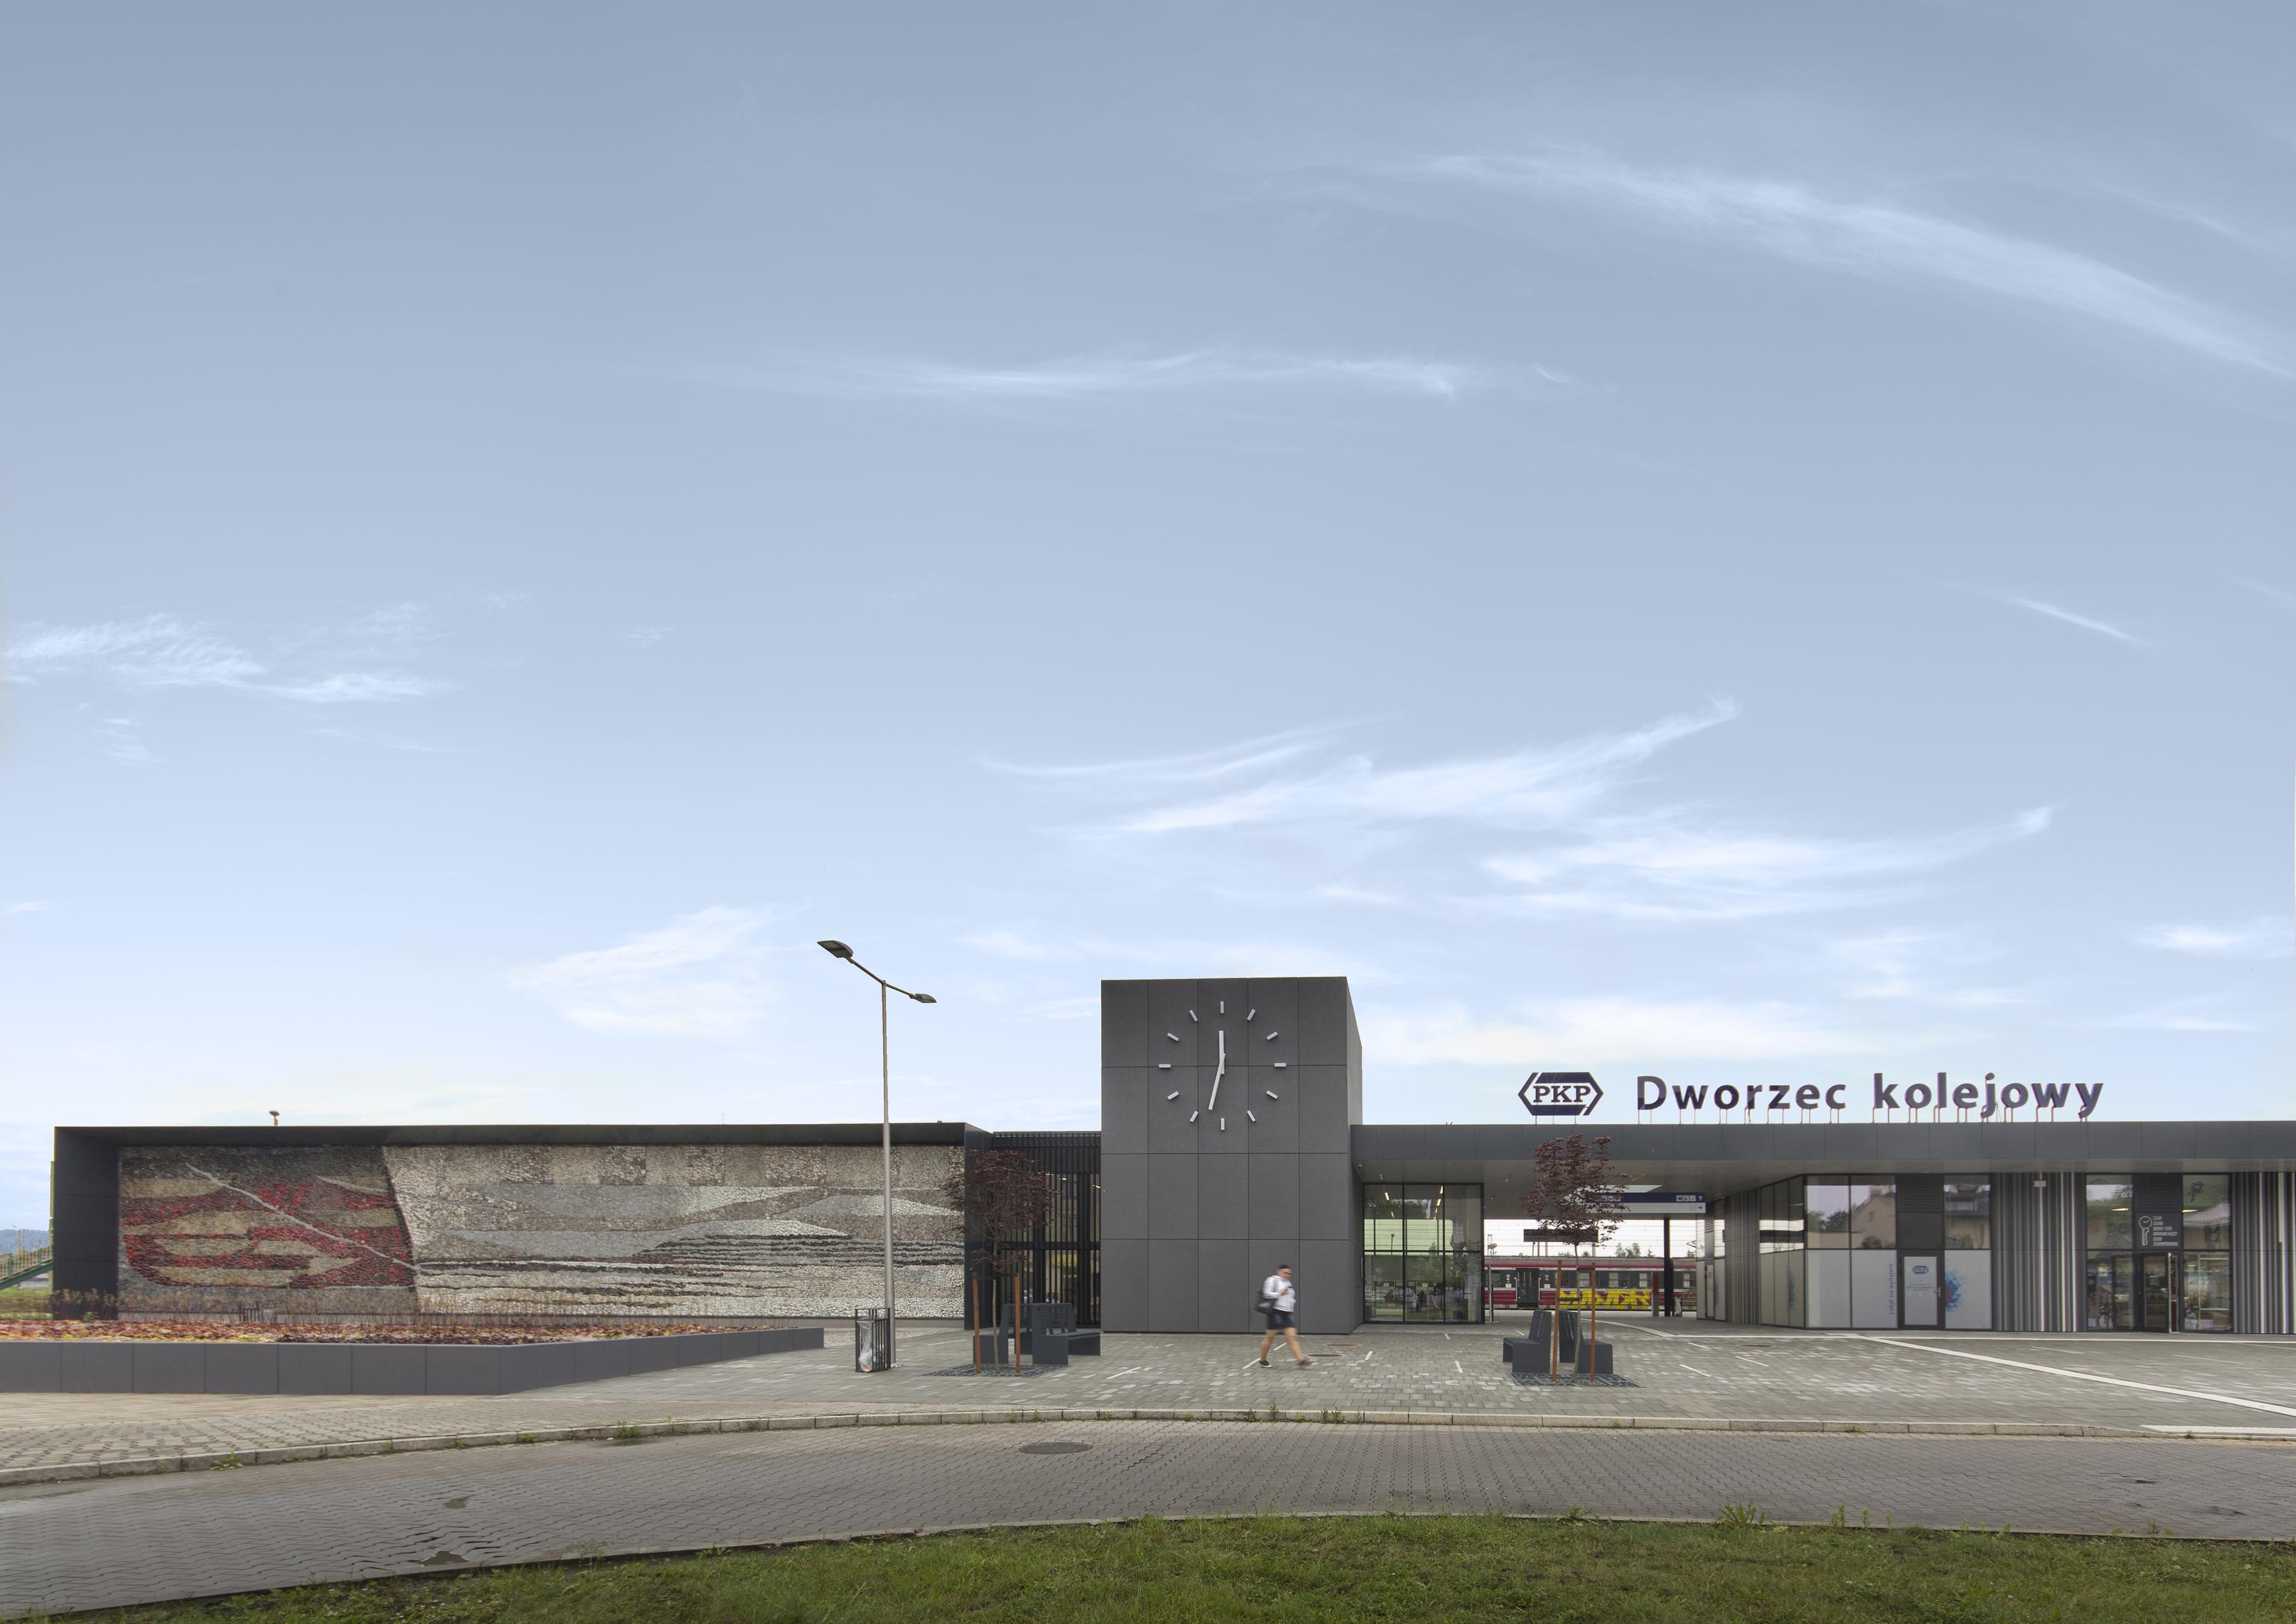 Dworzec kolejowy PKP w Oświęcimiu